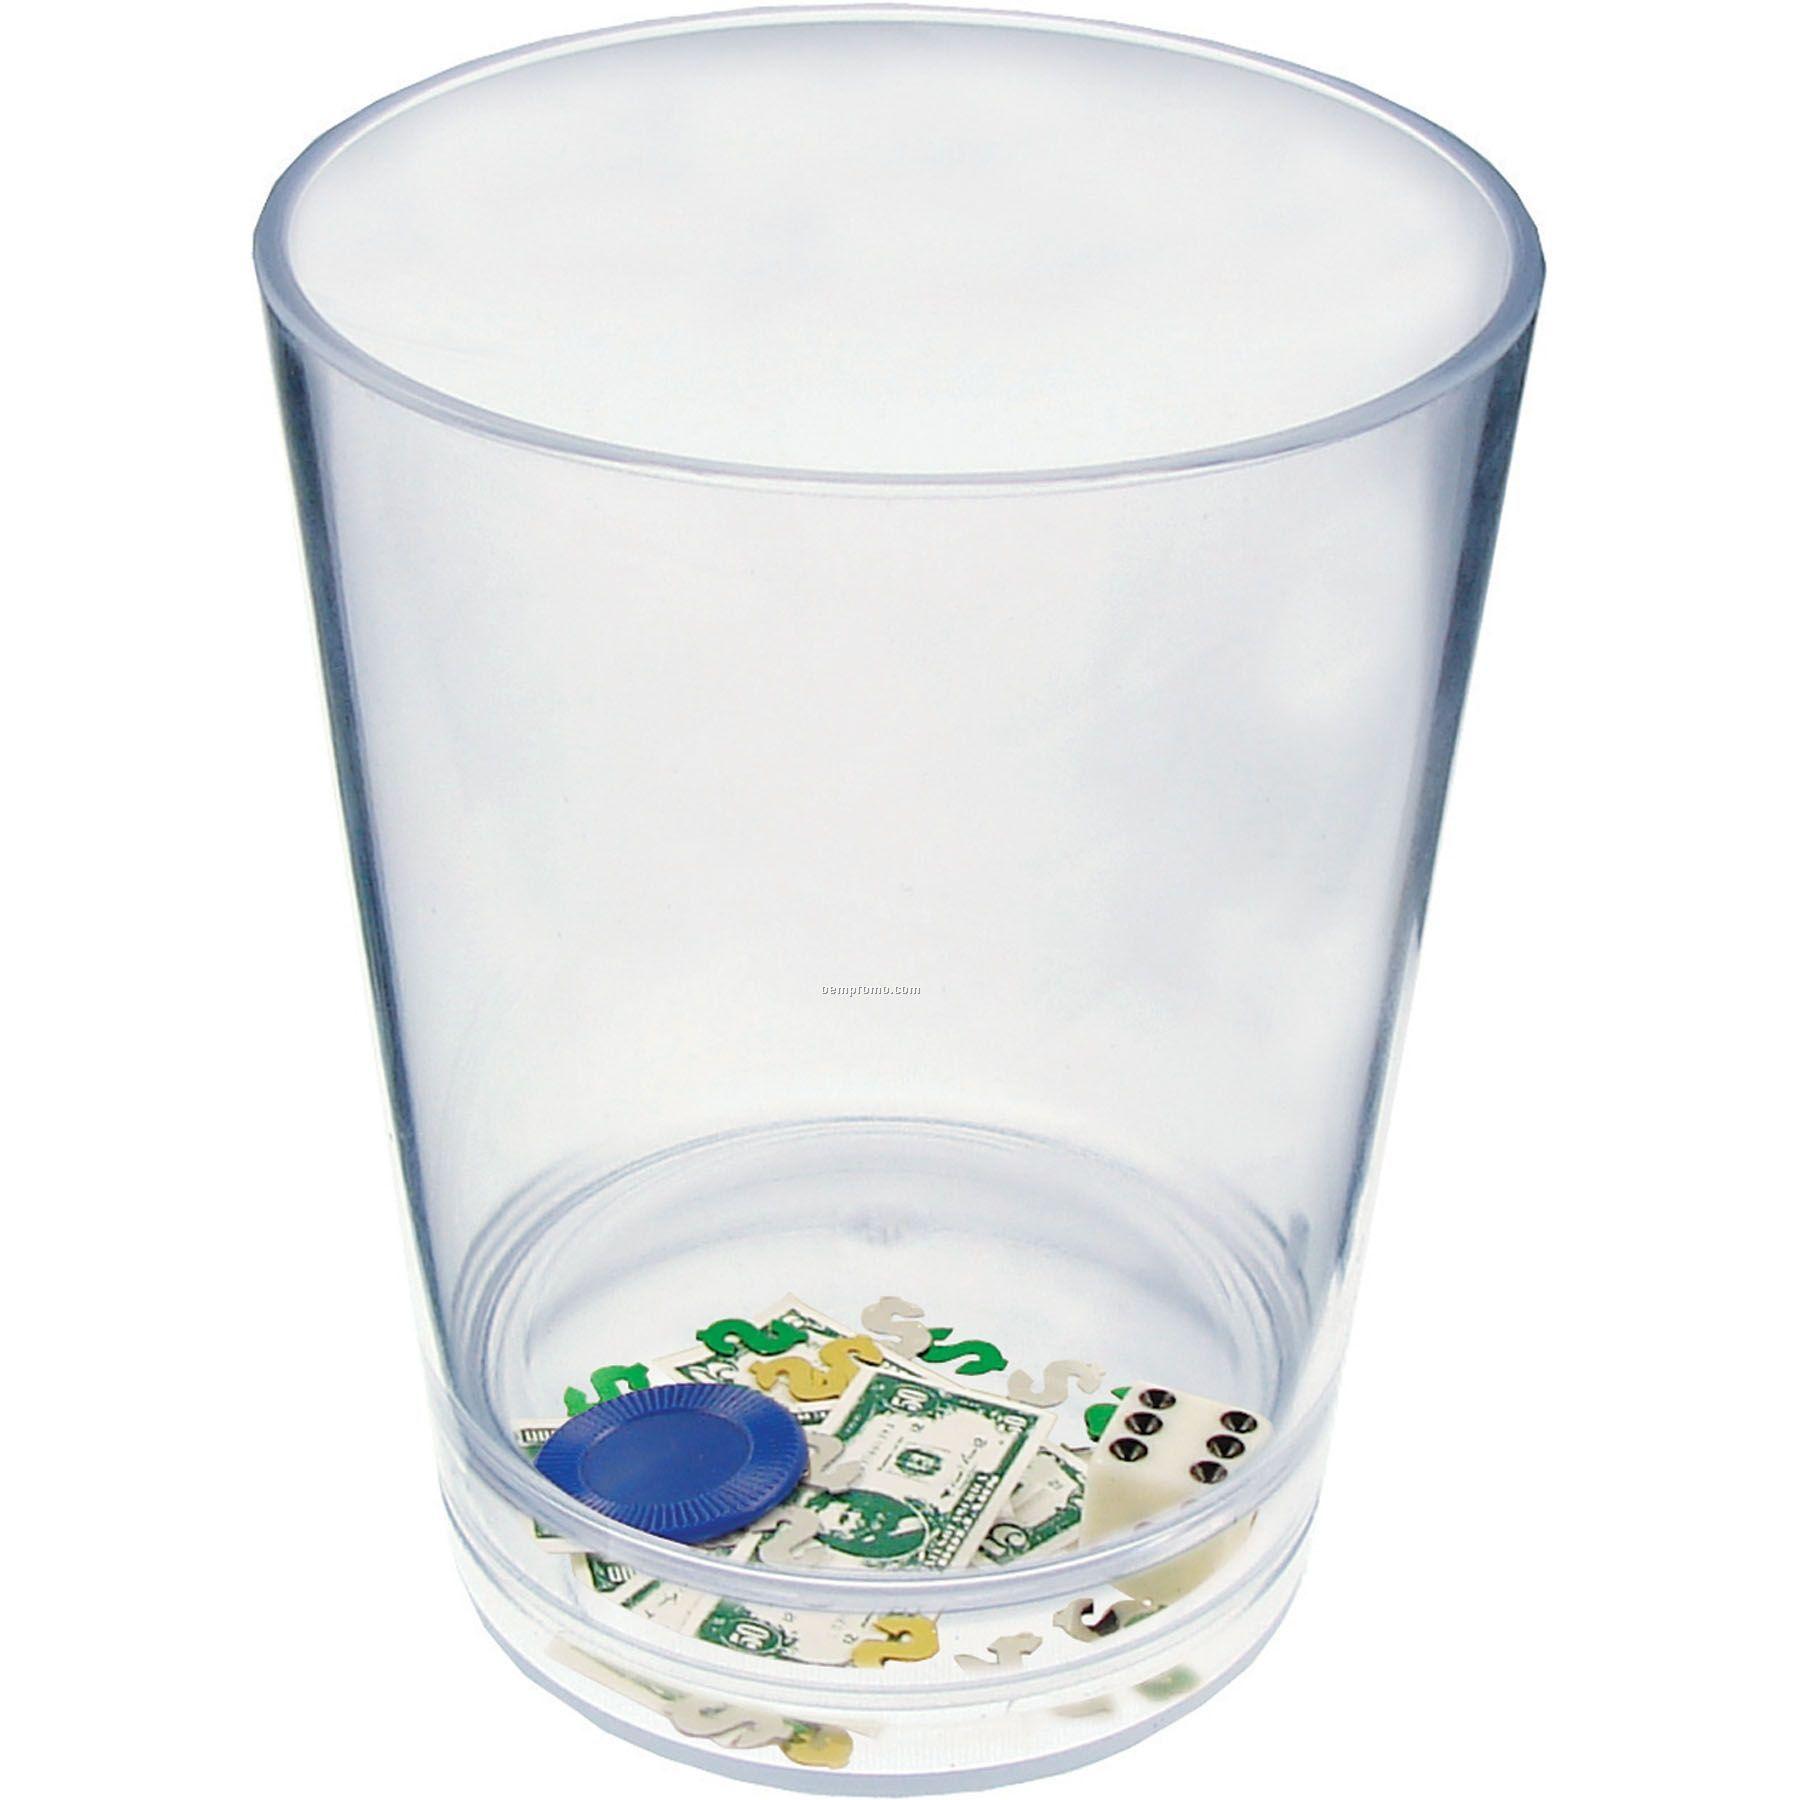 12 Oz. Casino Compartment Cup